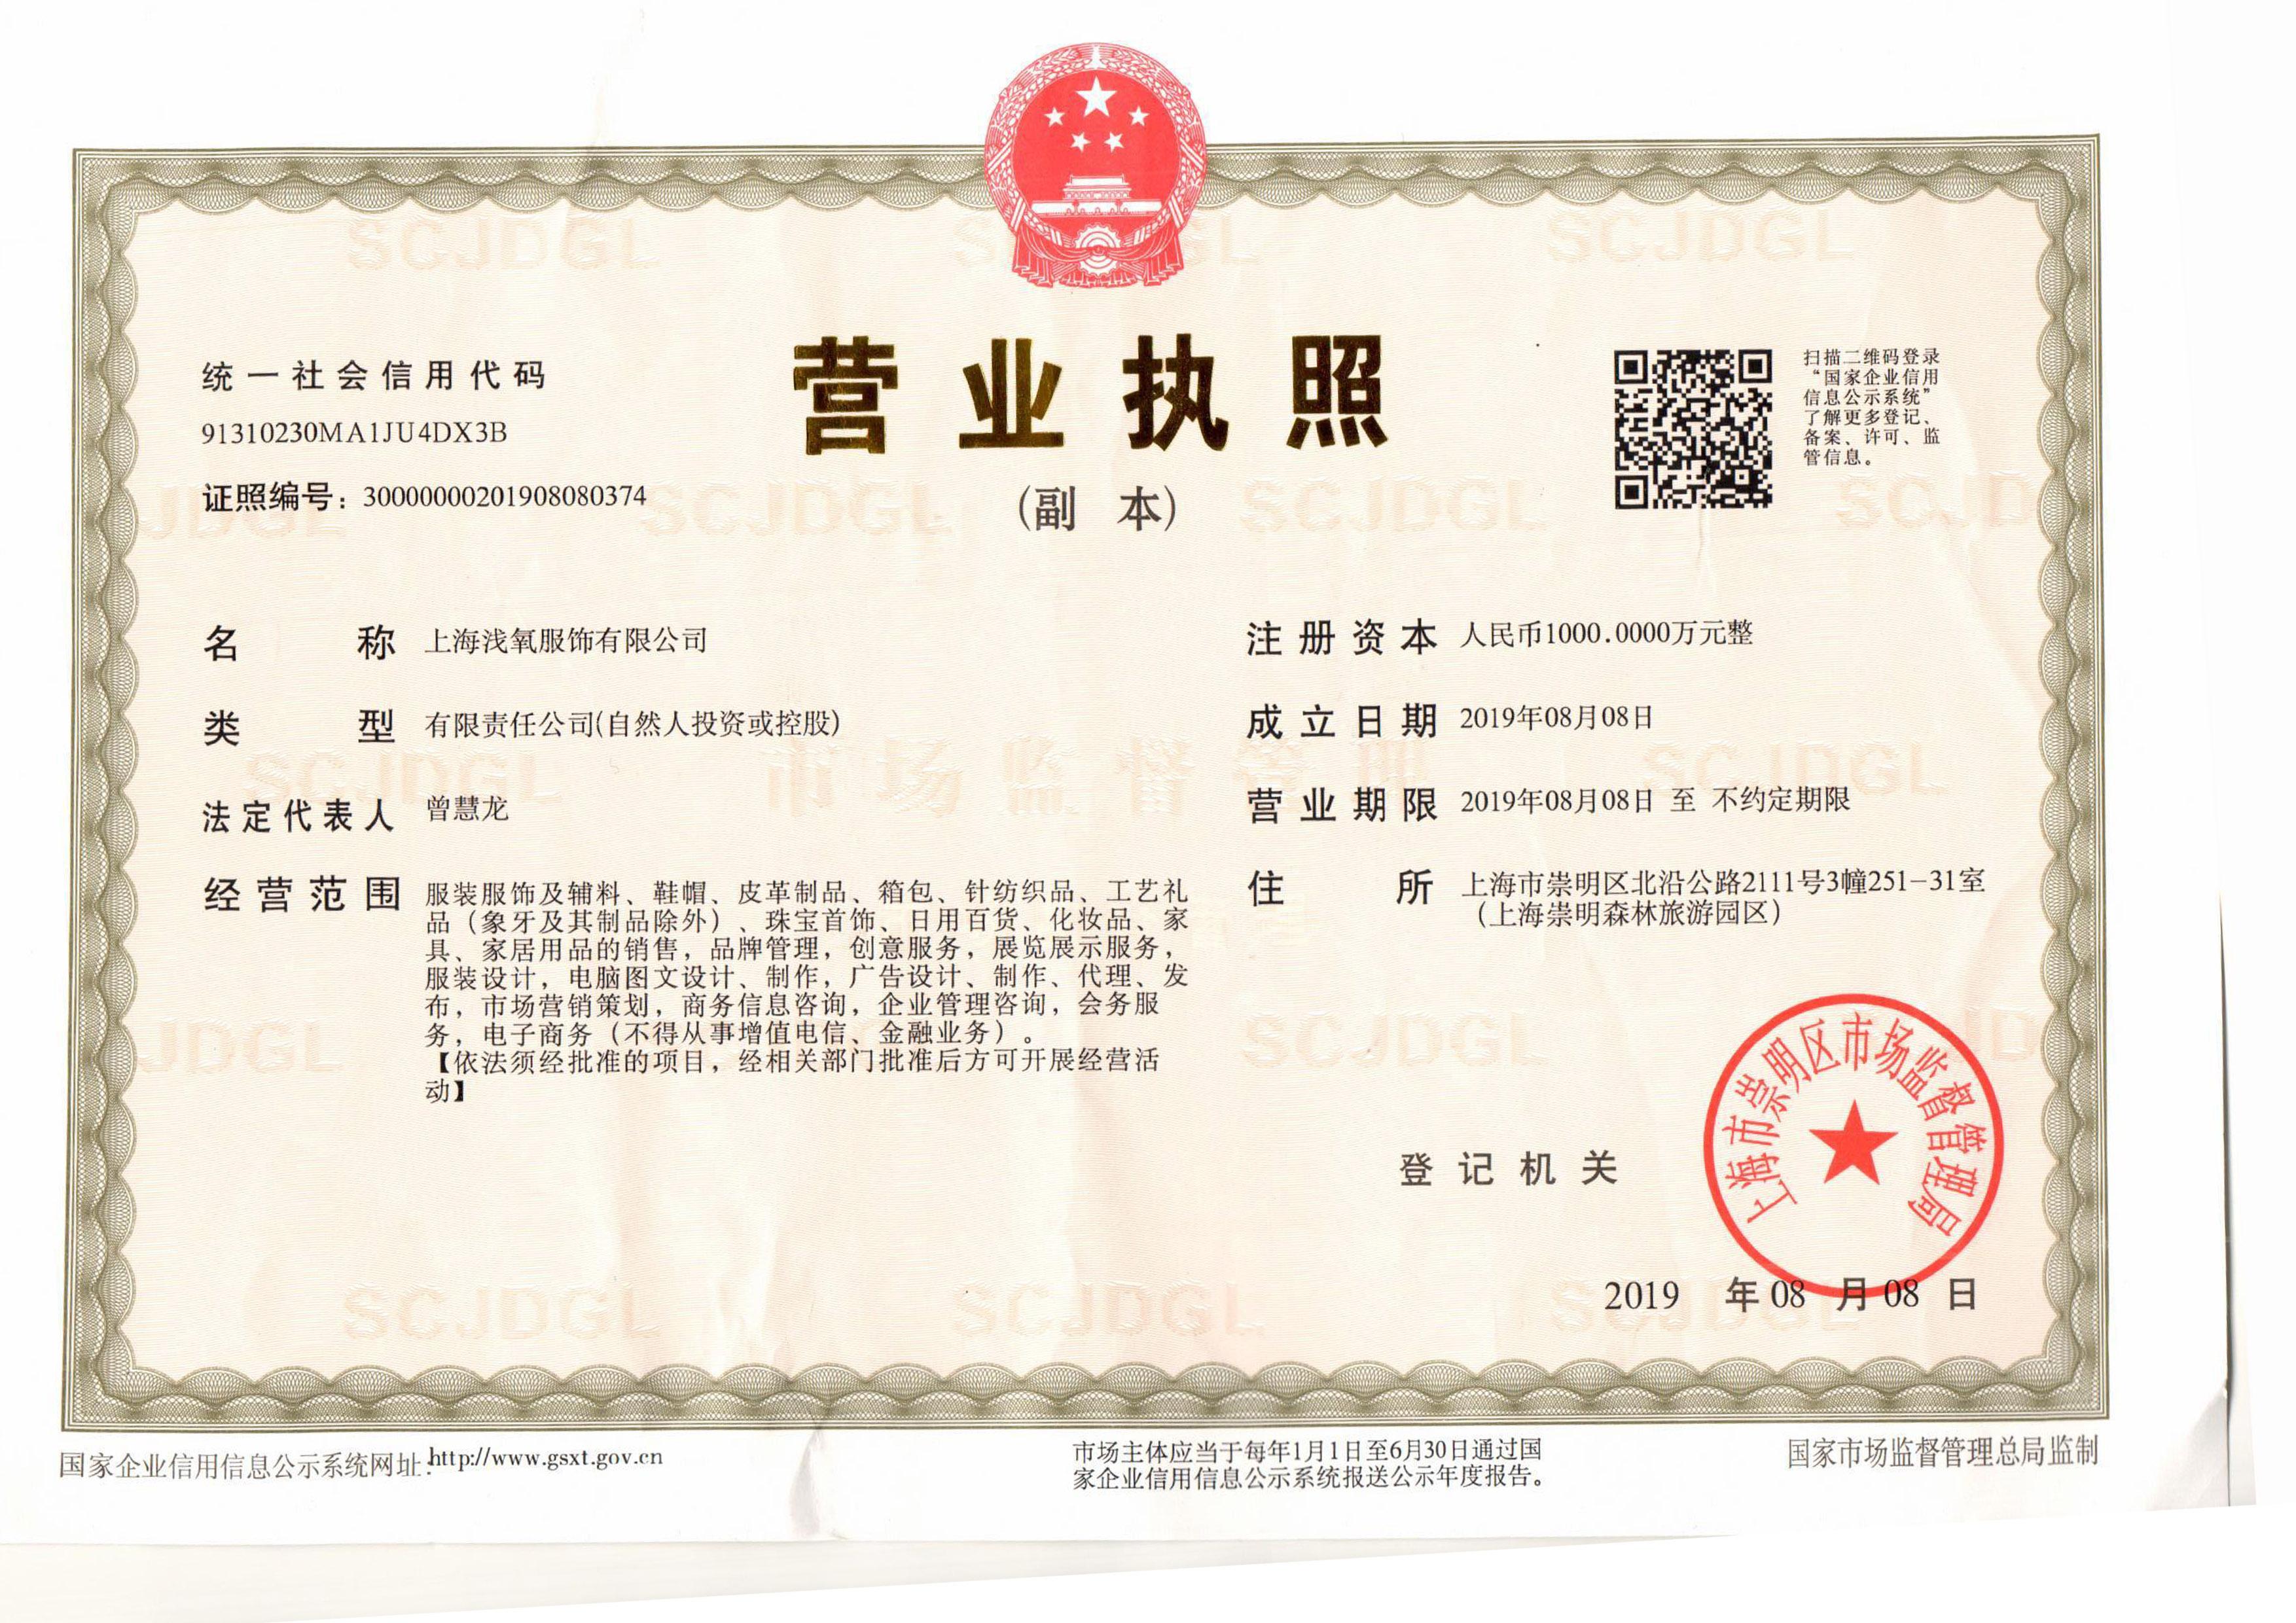 上海浅氧服饰有限公司企业档案